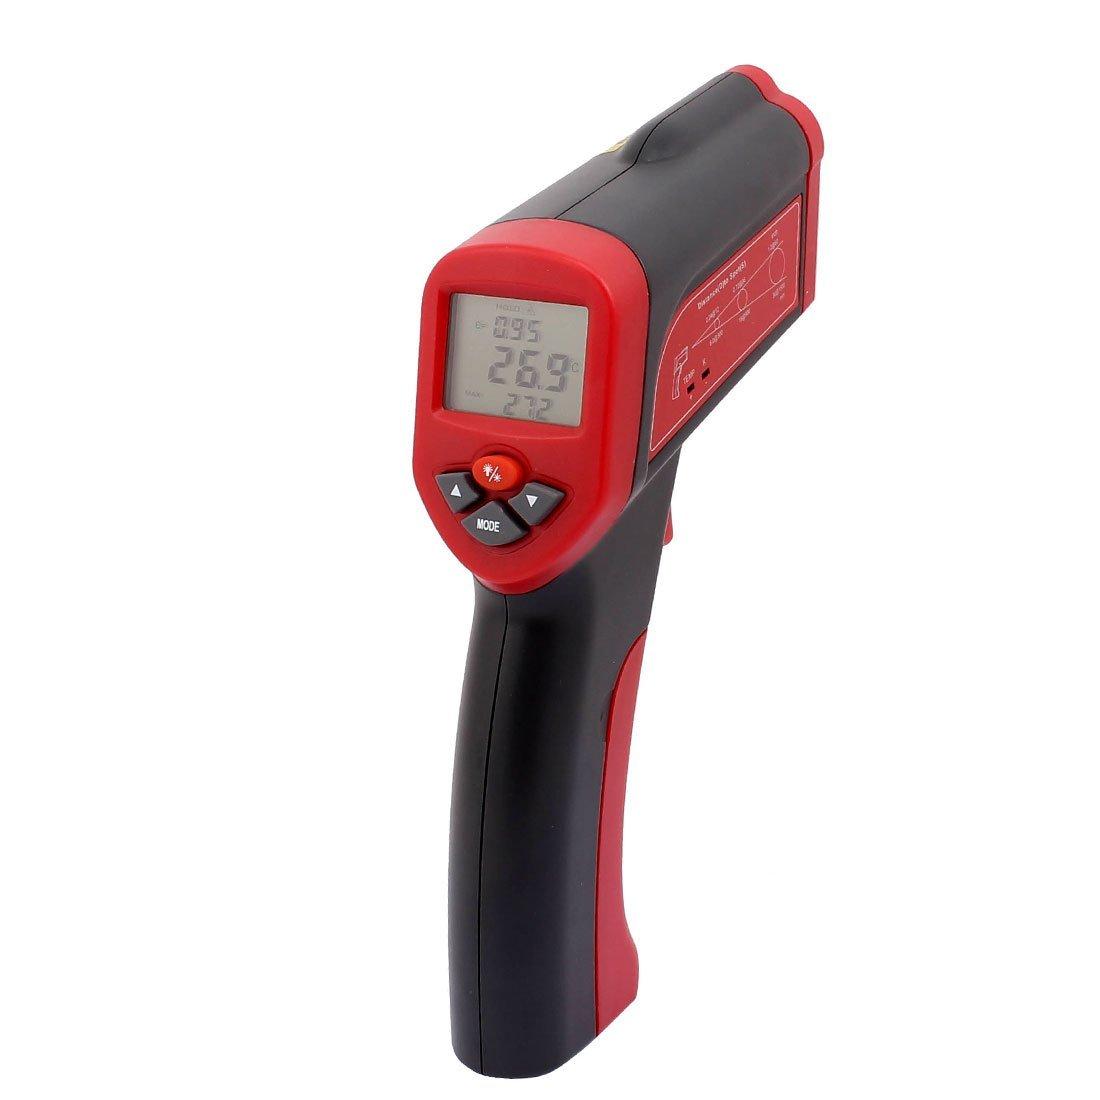 Amazon.com: Temperatura eDealMax de mano sin contacto del IR del arma Tester Meter Termómetro digital por infrarrojos -58F a 3992F (-50C a + 2200C) Display ...